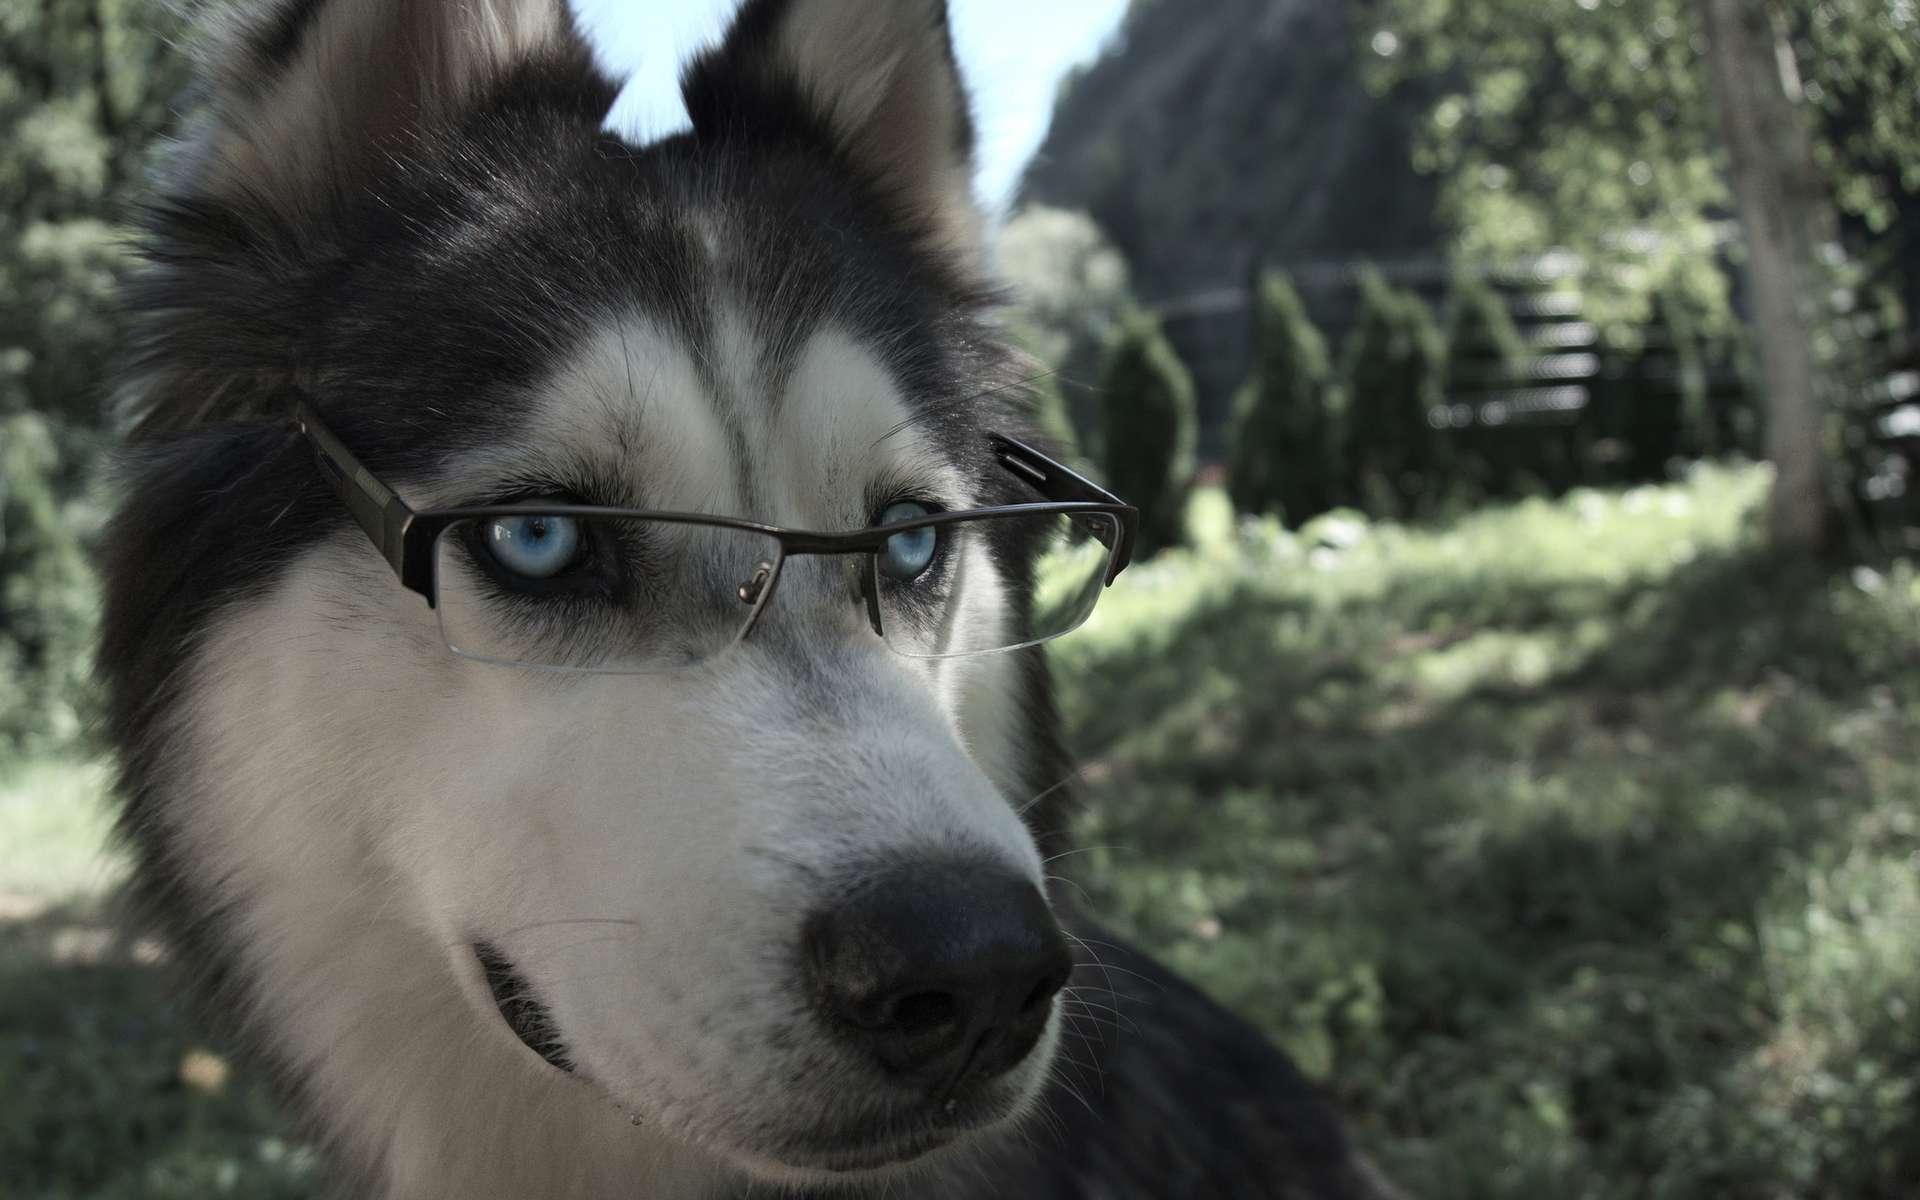 Des chercheurs de l'université de Budapest affirment que les chiens sont, tout comme les humains, capables de comprendre le sens d'un mot et de l'associer à la façon dont il est prononcé. © Arnaud Camel, Flickr, CC by 2.0